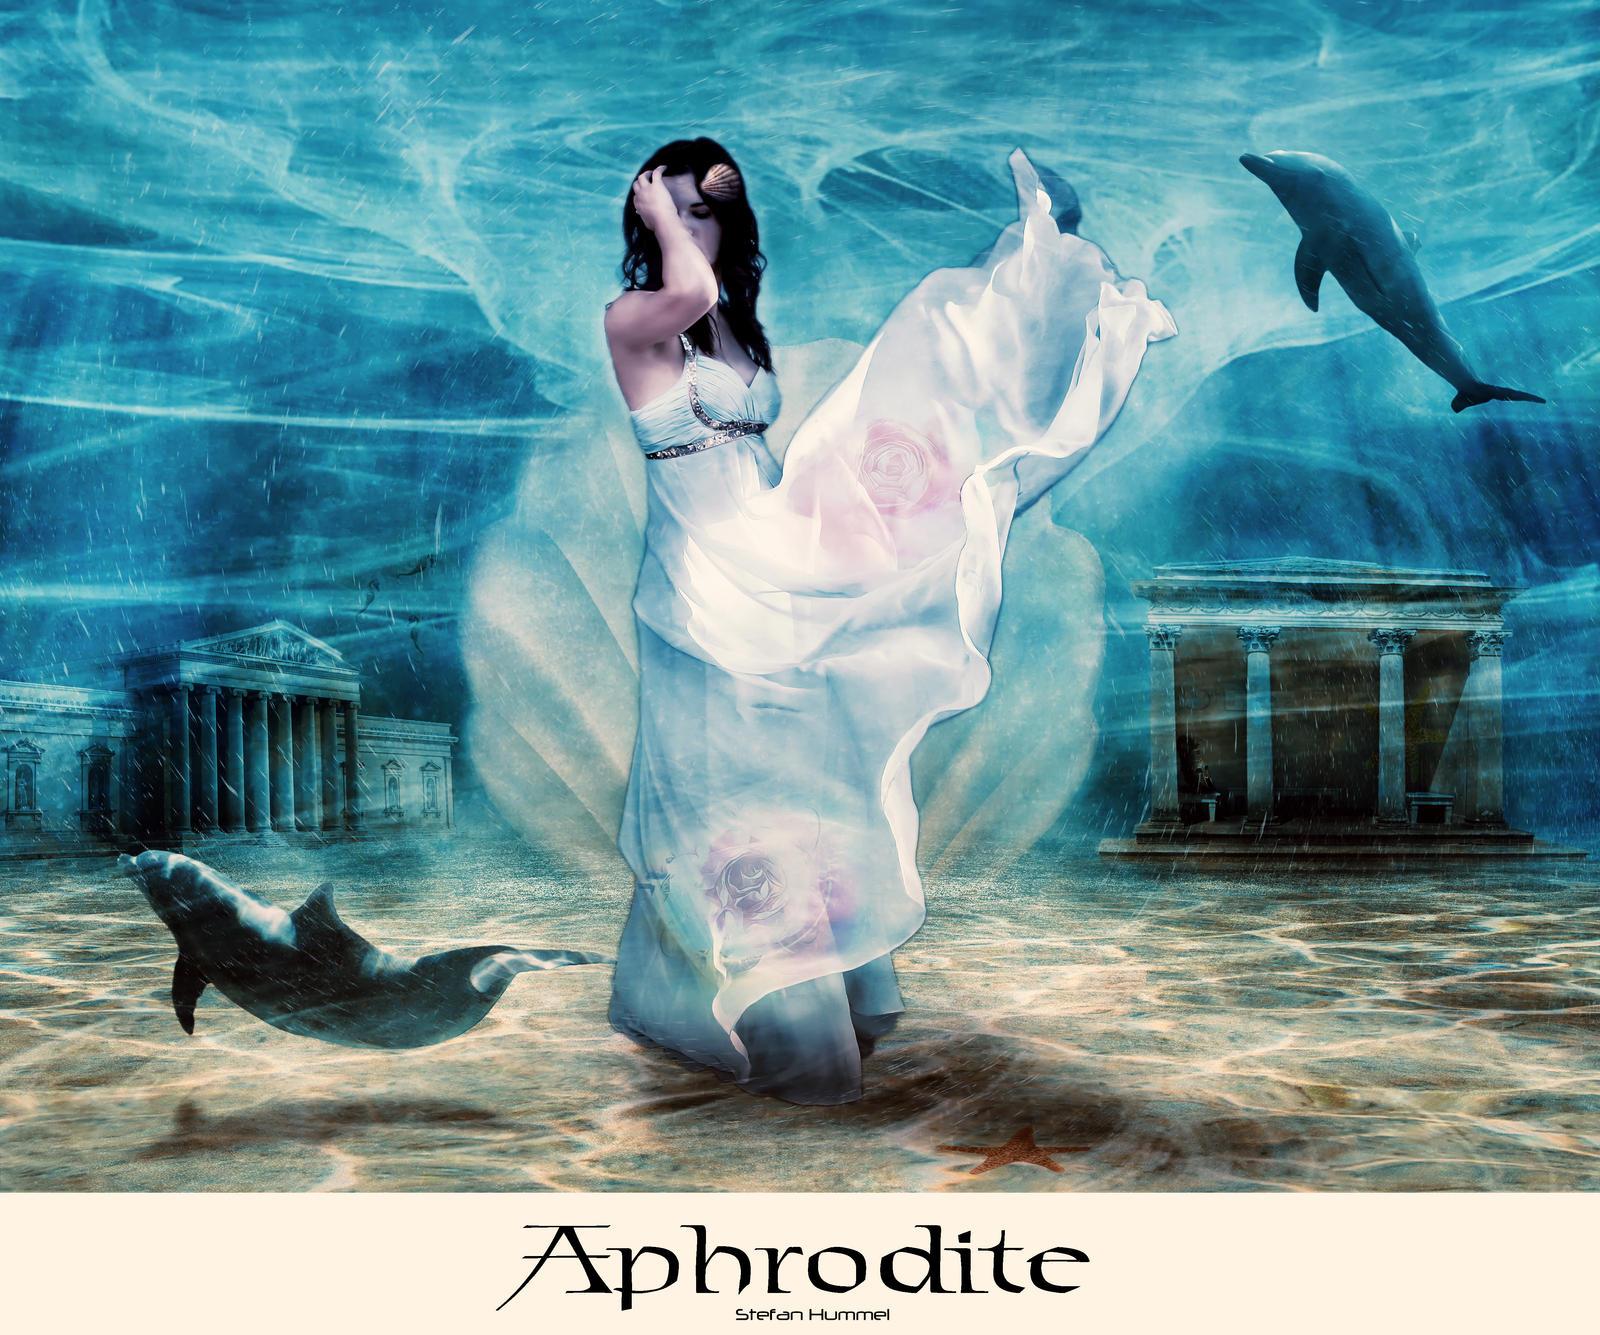 Aphrodite-Rising by Perthro85